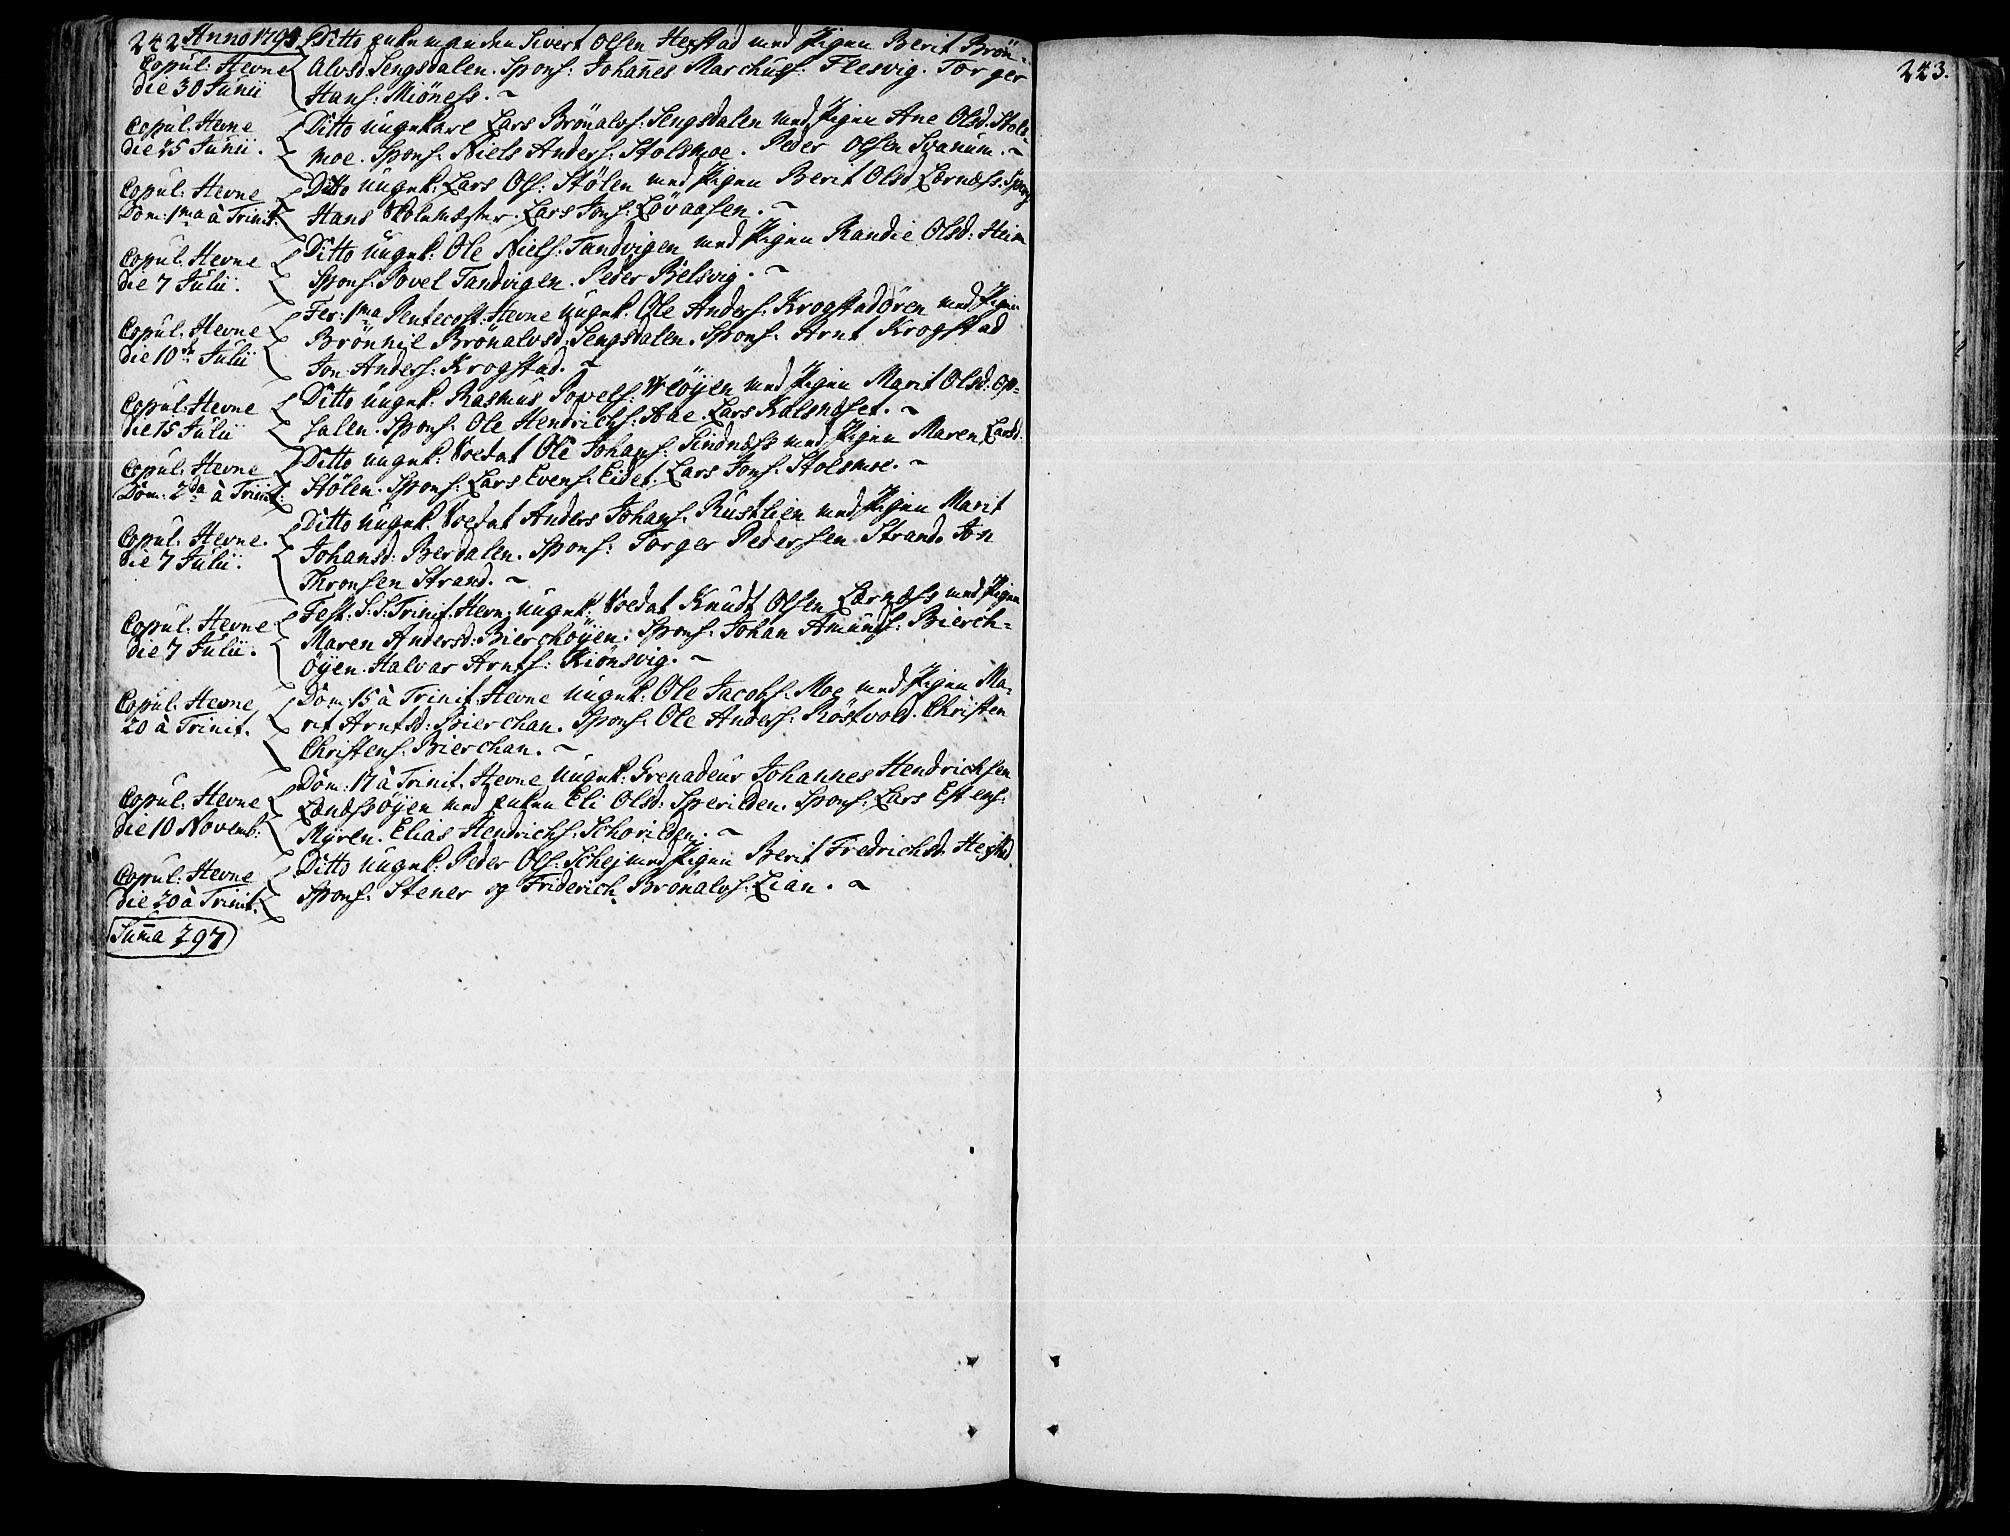 SAT, Ministerialprotokoller, klokkerbøker og fødselsregistre - Sør-Trøndelag, 630/L0489: Ministerialbok nr. 630A02, 1757-1794, s. 242-243